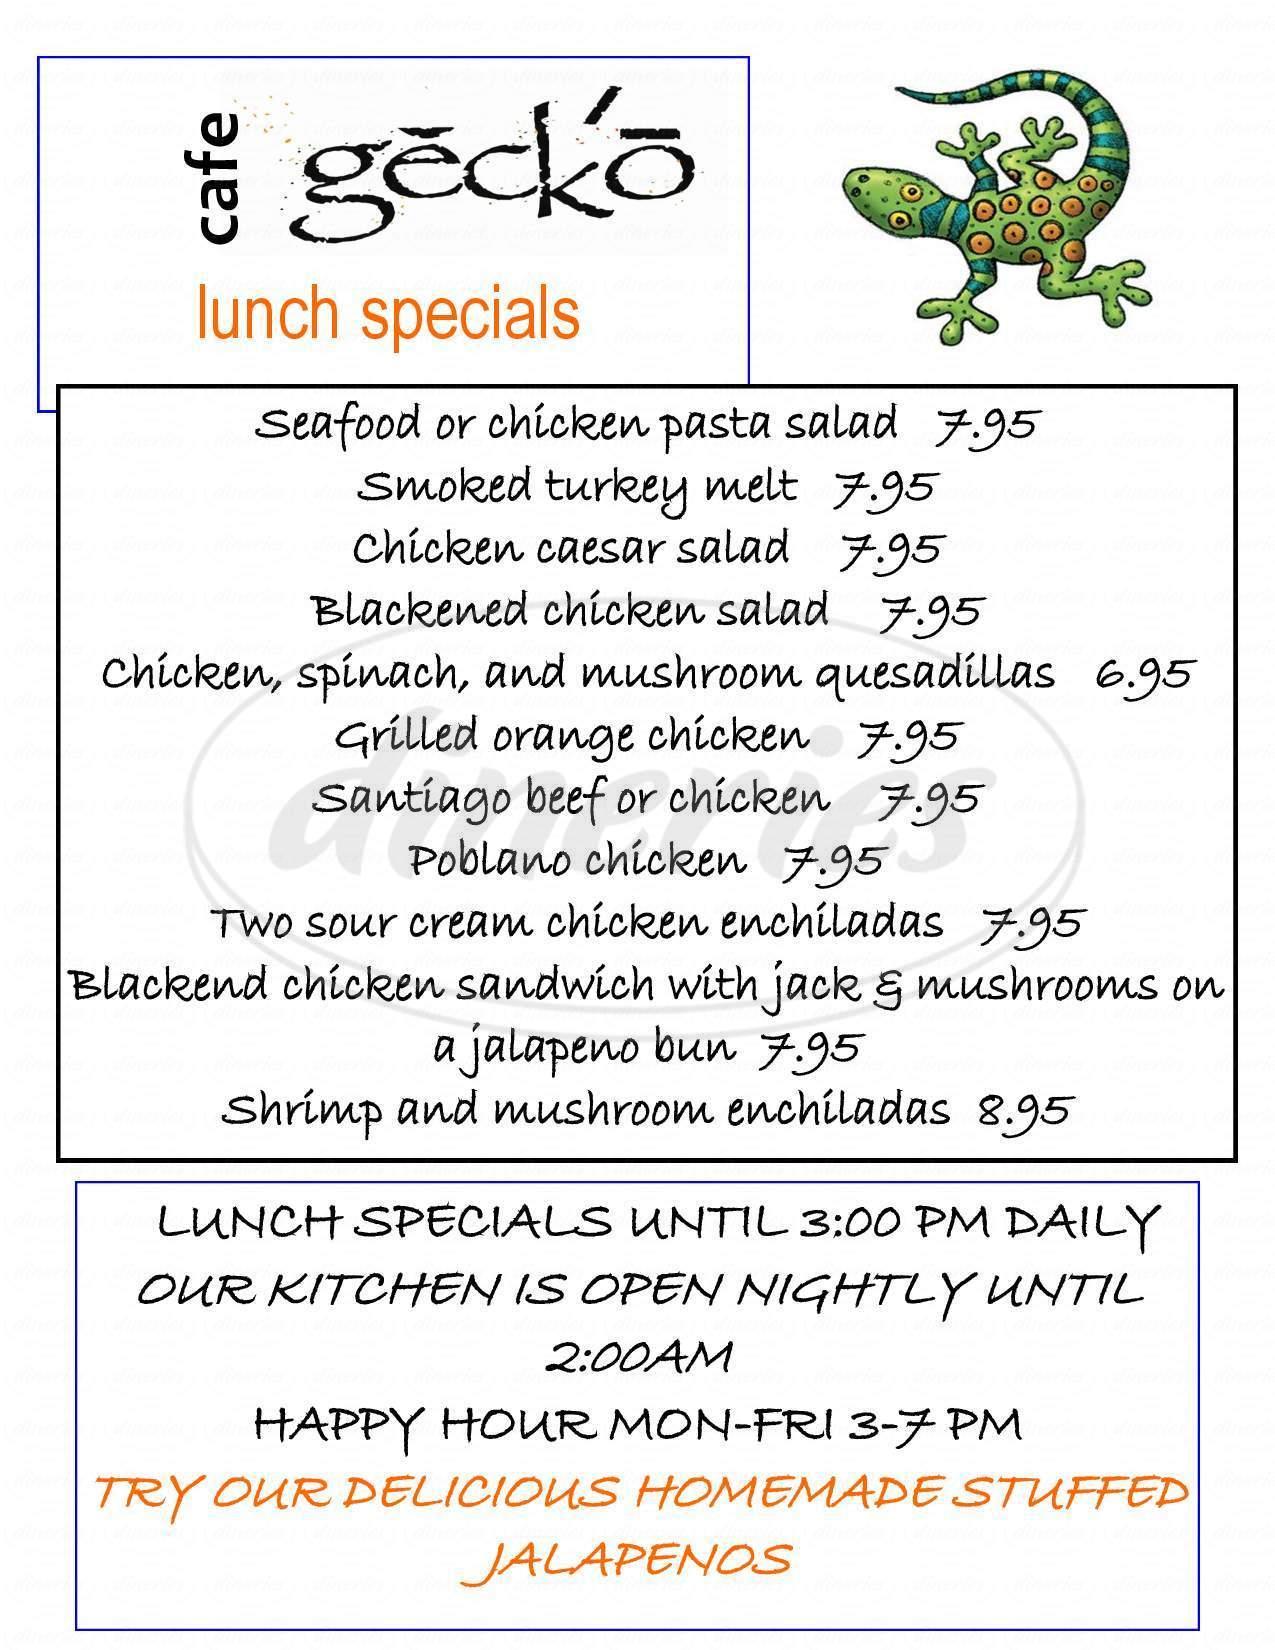 menu for Cafe Gecko